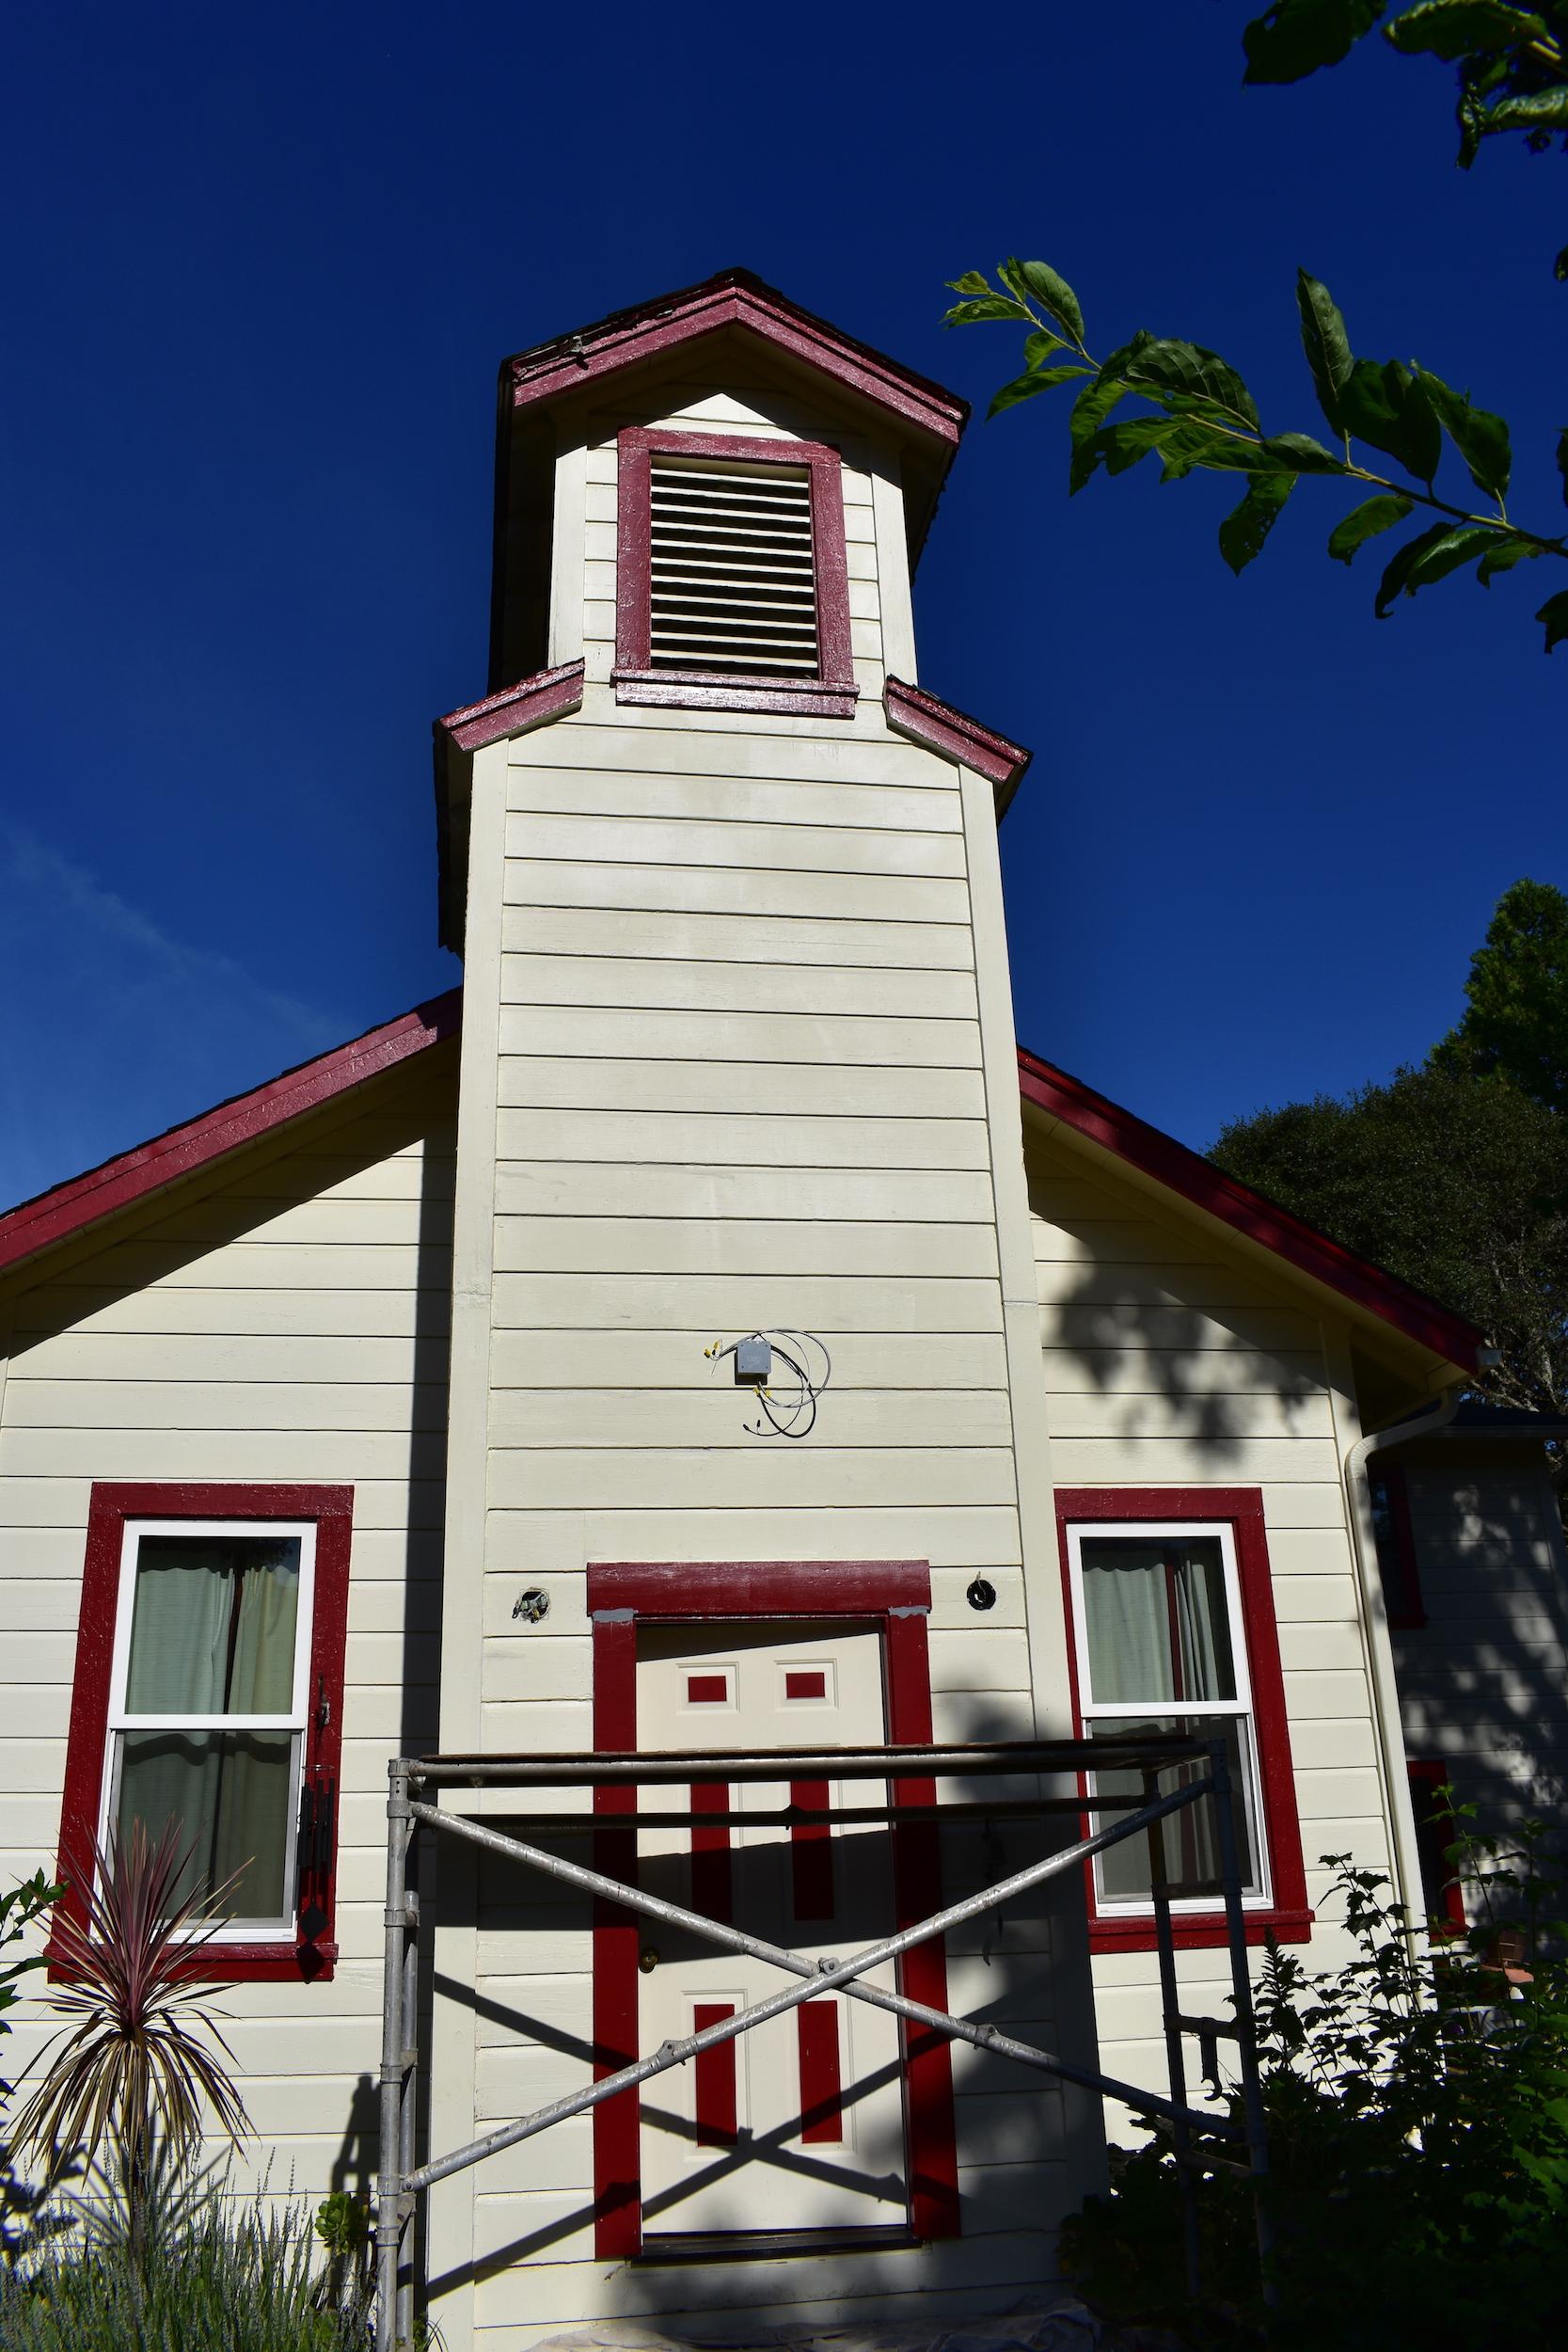 Church of Boogie Woogie Blank Steeple copy.jpg